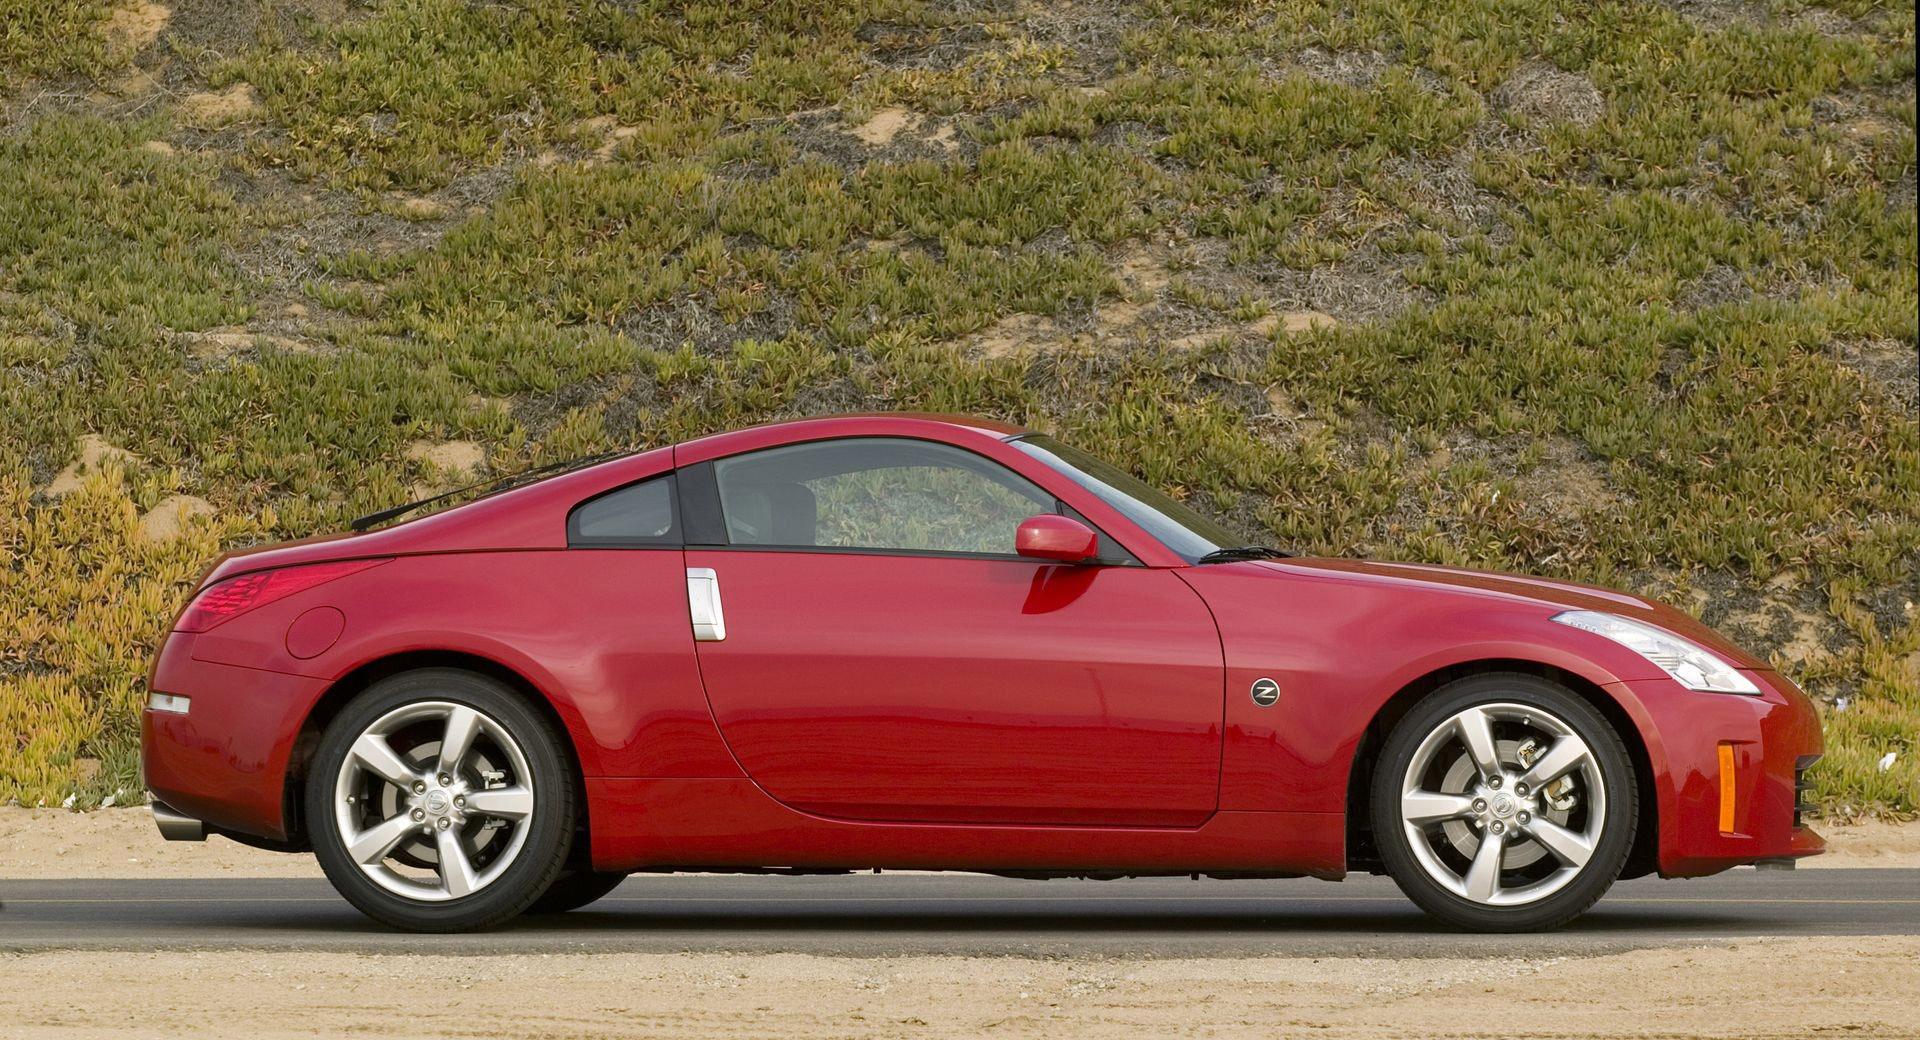 2008 Nissan 350z Coupe Hd Pictures Carsinvasion Com